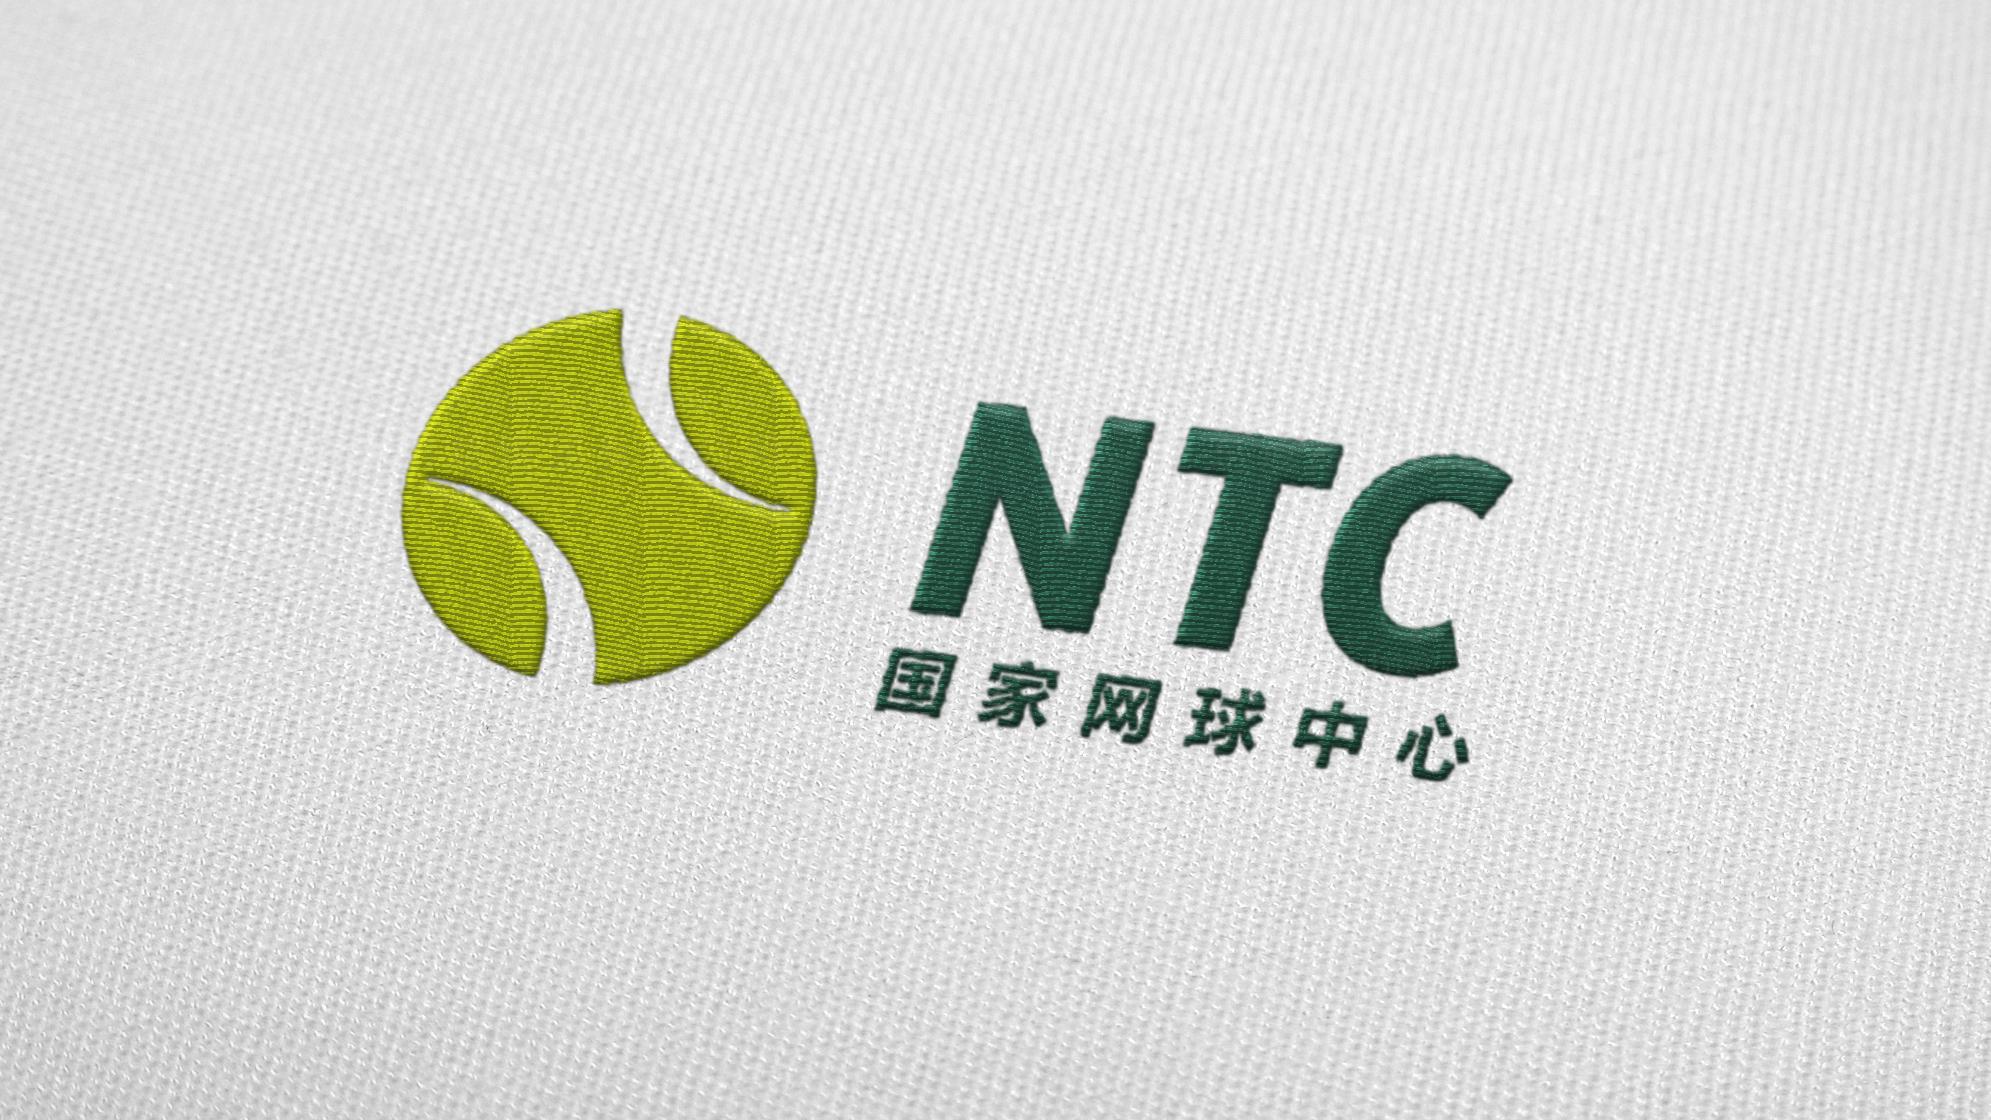 品牌设计国家网球中心标志设计应用场景_8